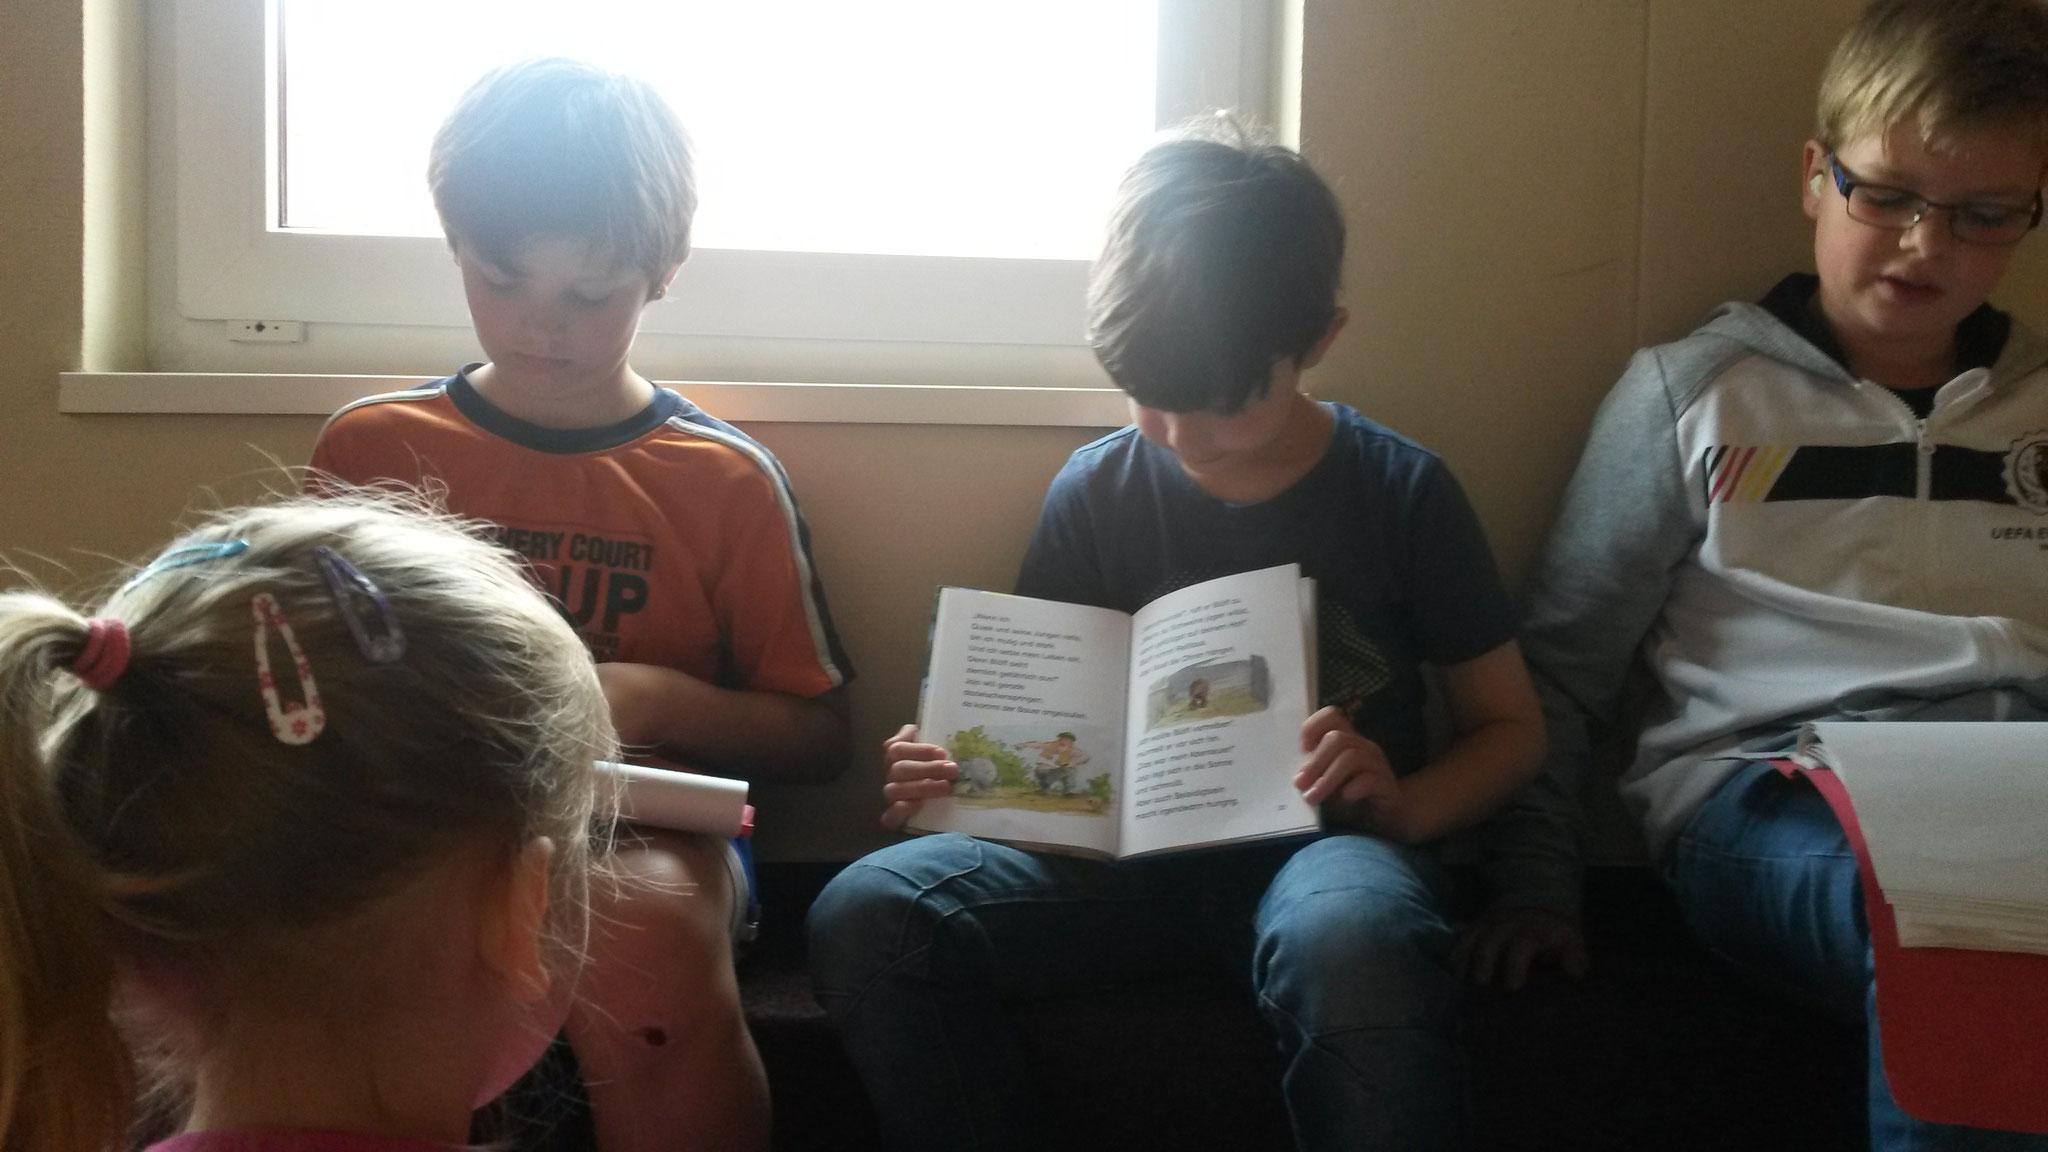 Unsere Bücher haben auch Bilder und die wollen wir auch unbedingt zeigen